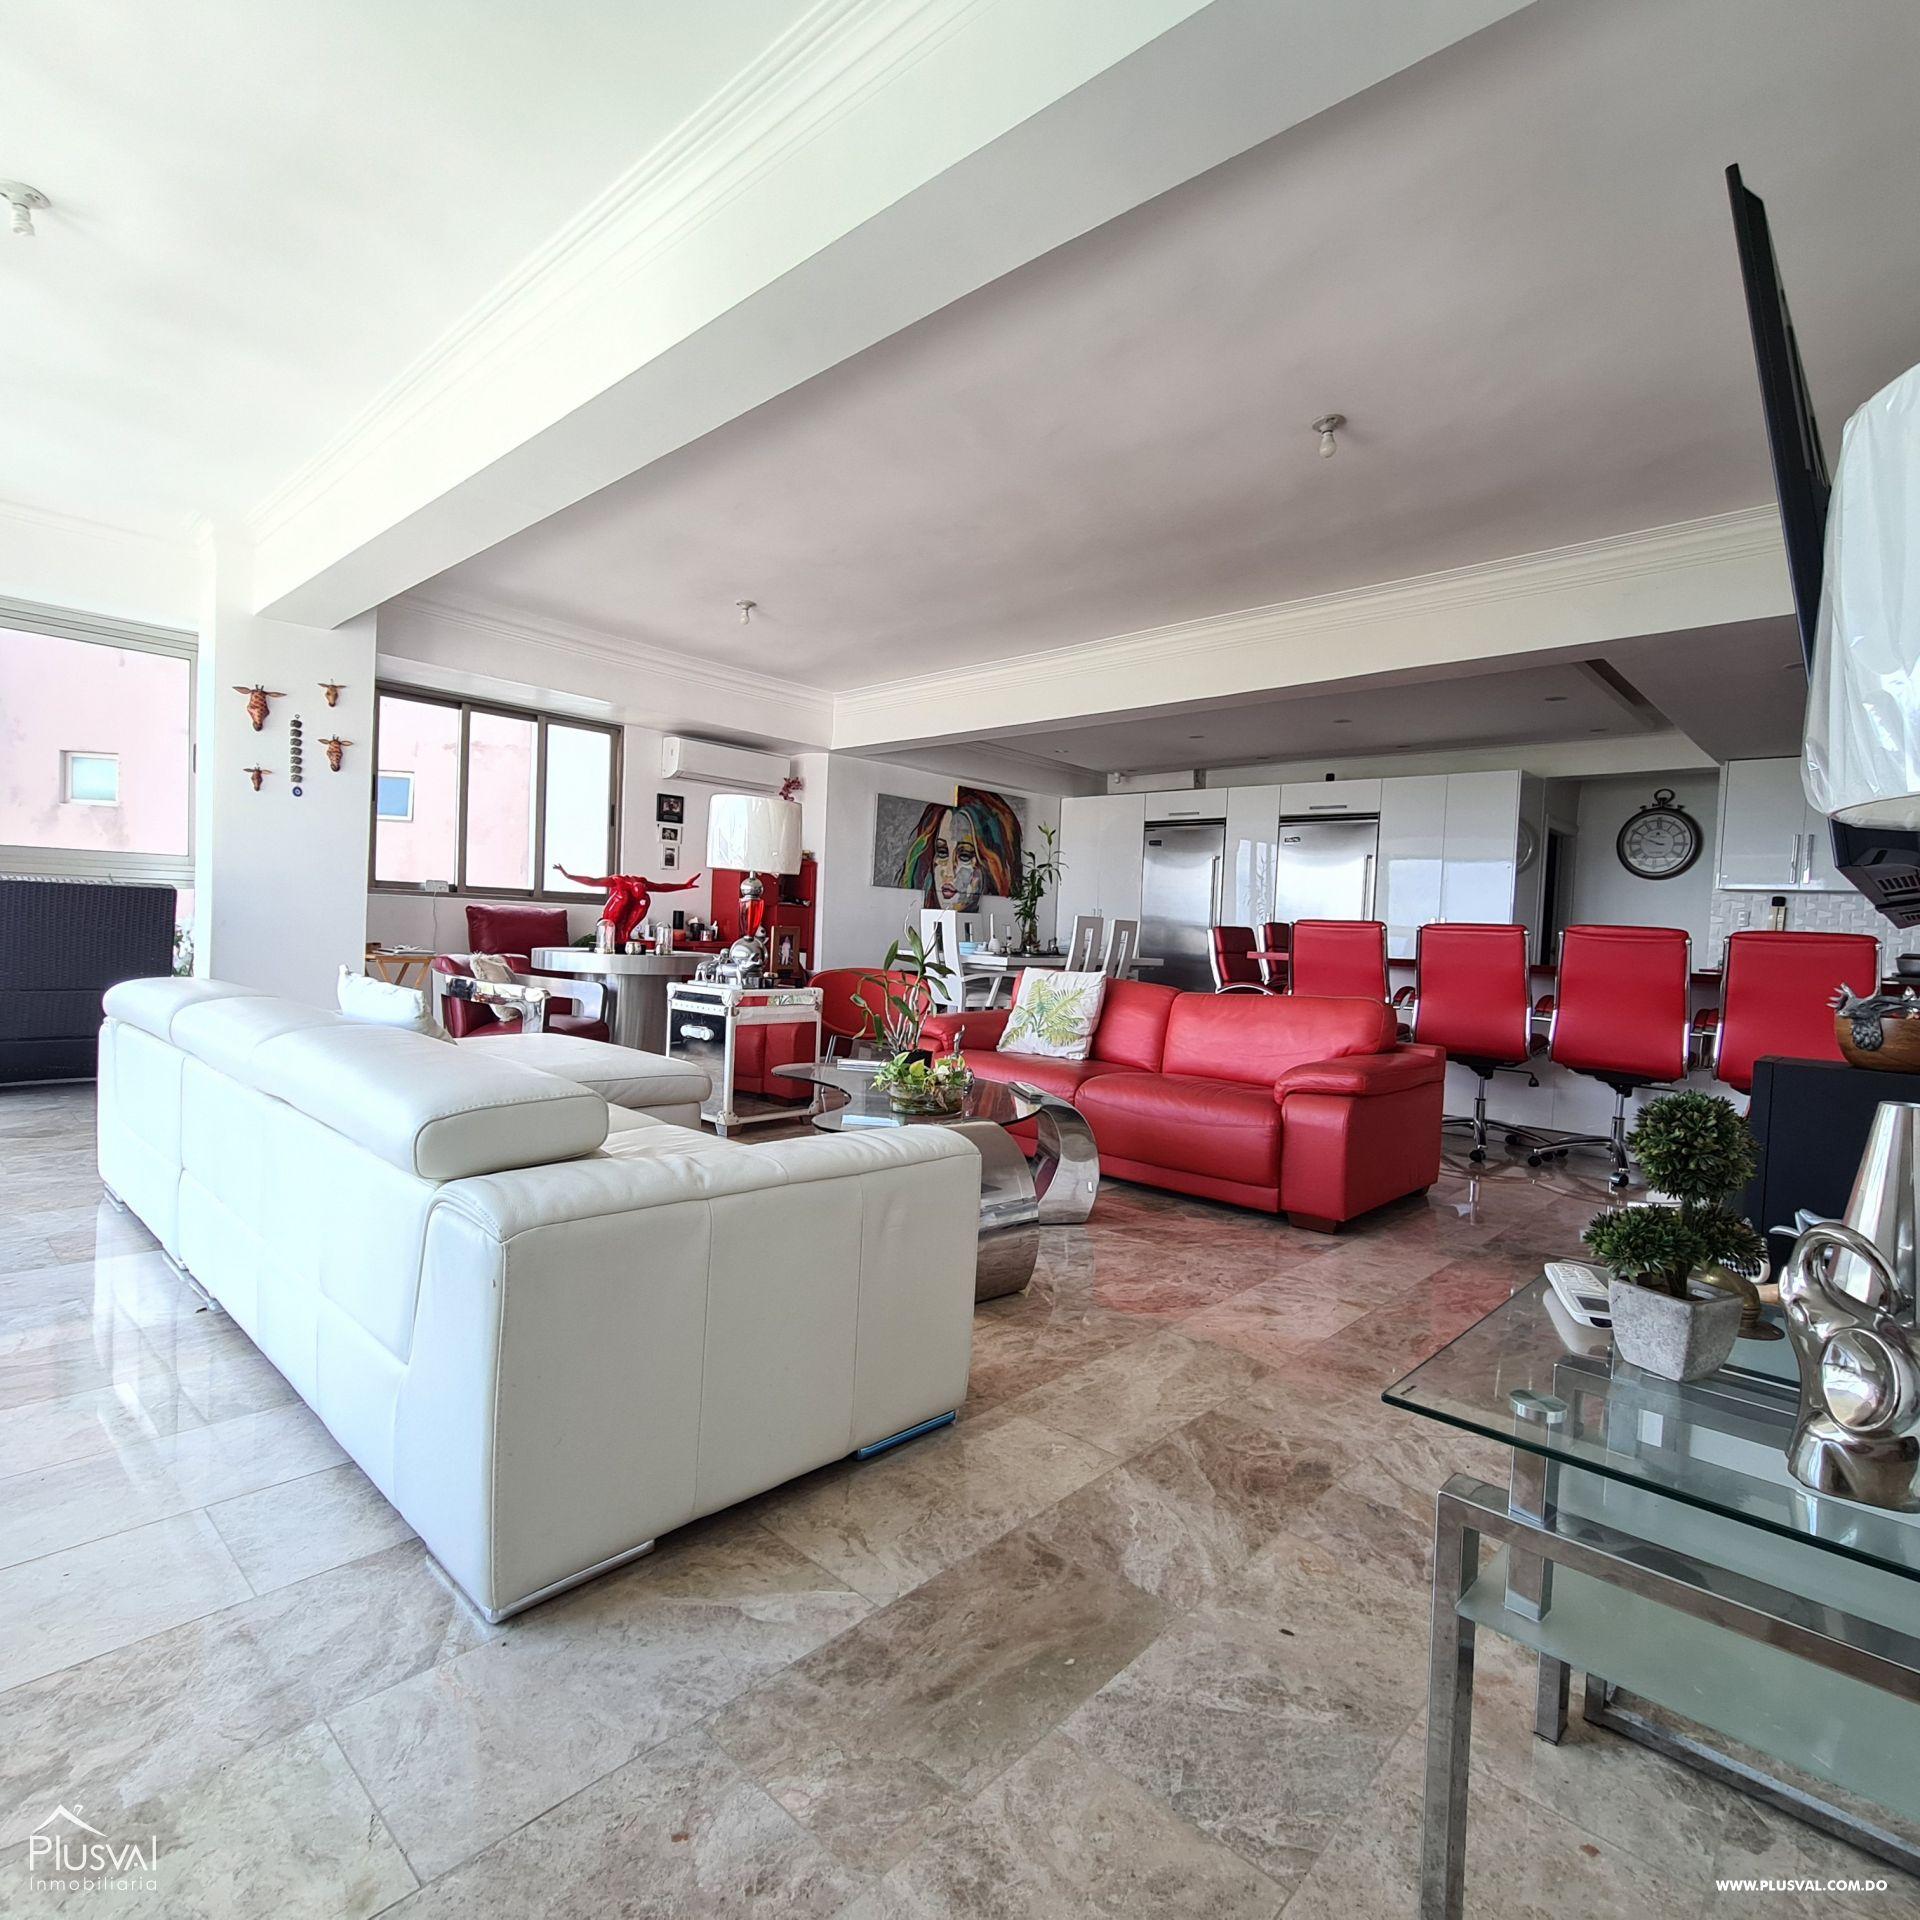 Apartamento-3 habitaciones en alquiler, Cacicazgos